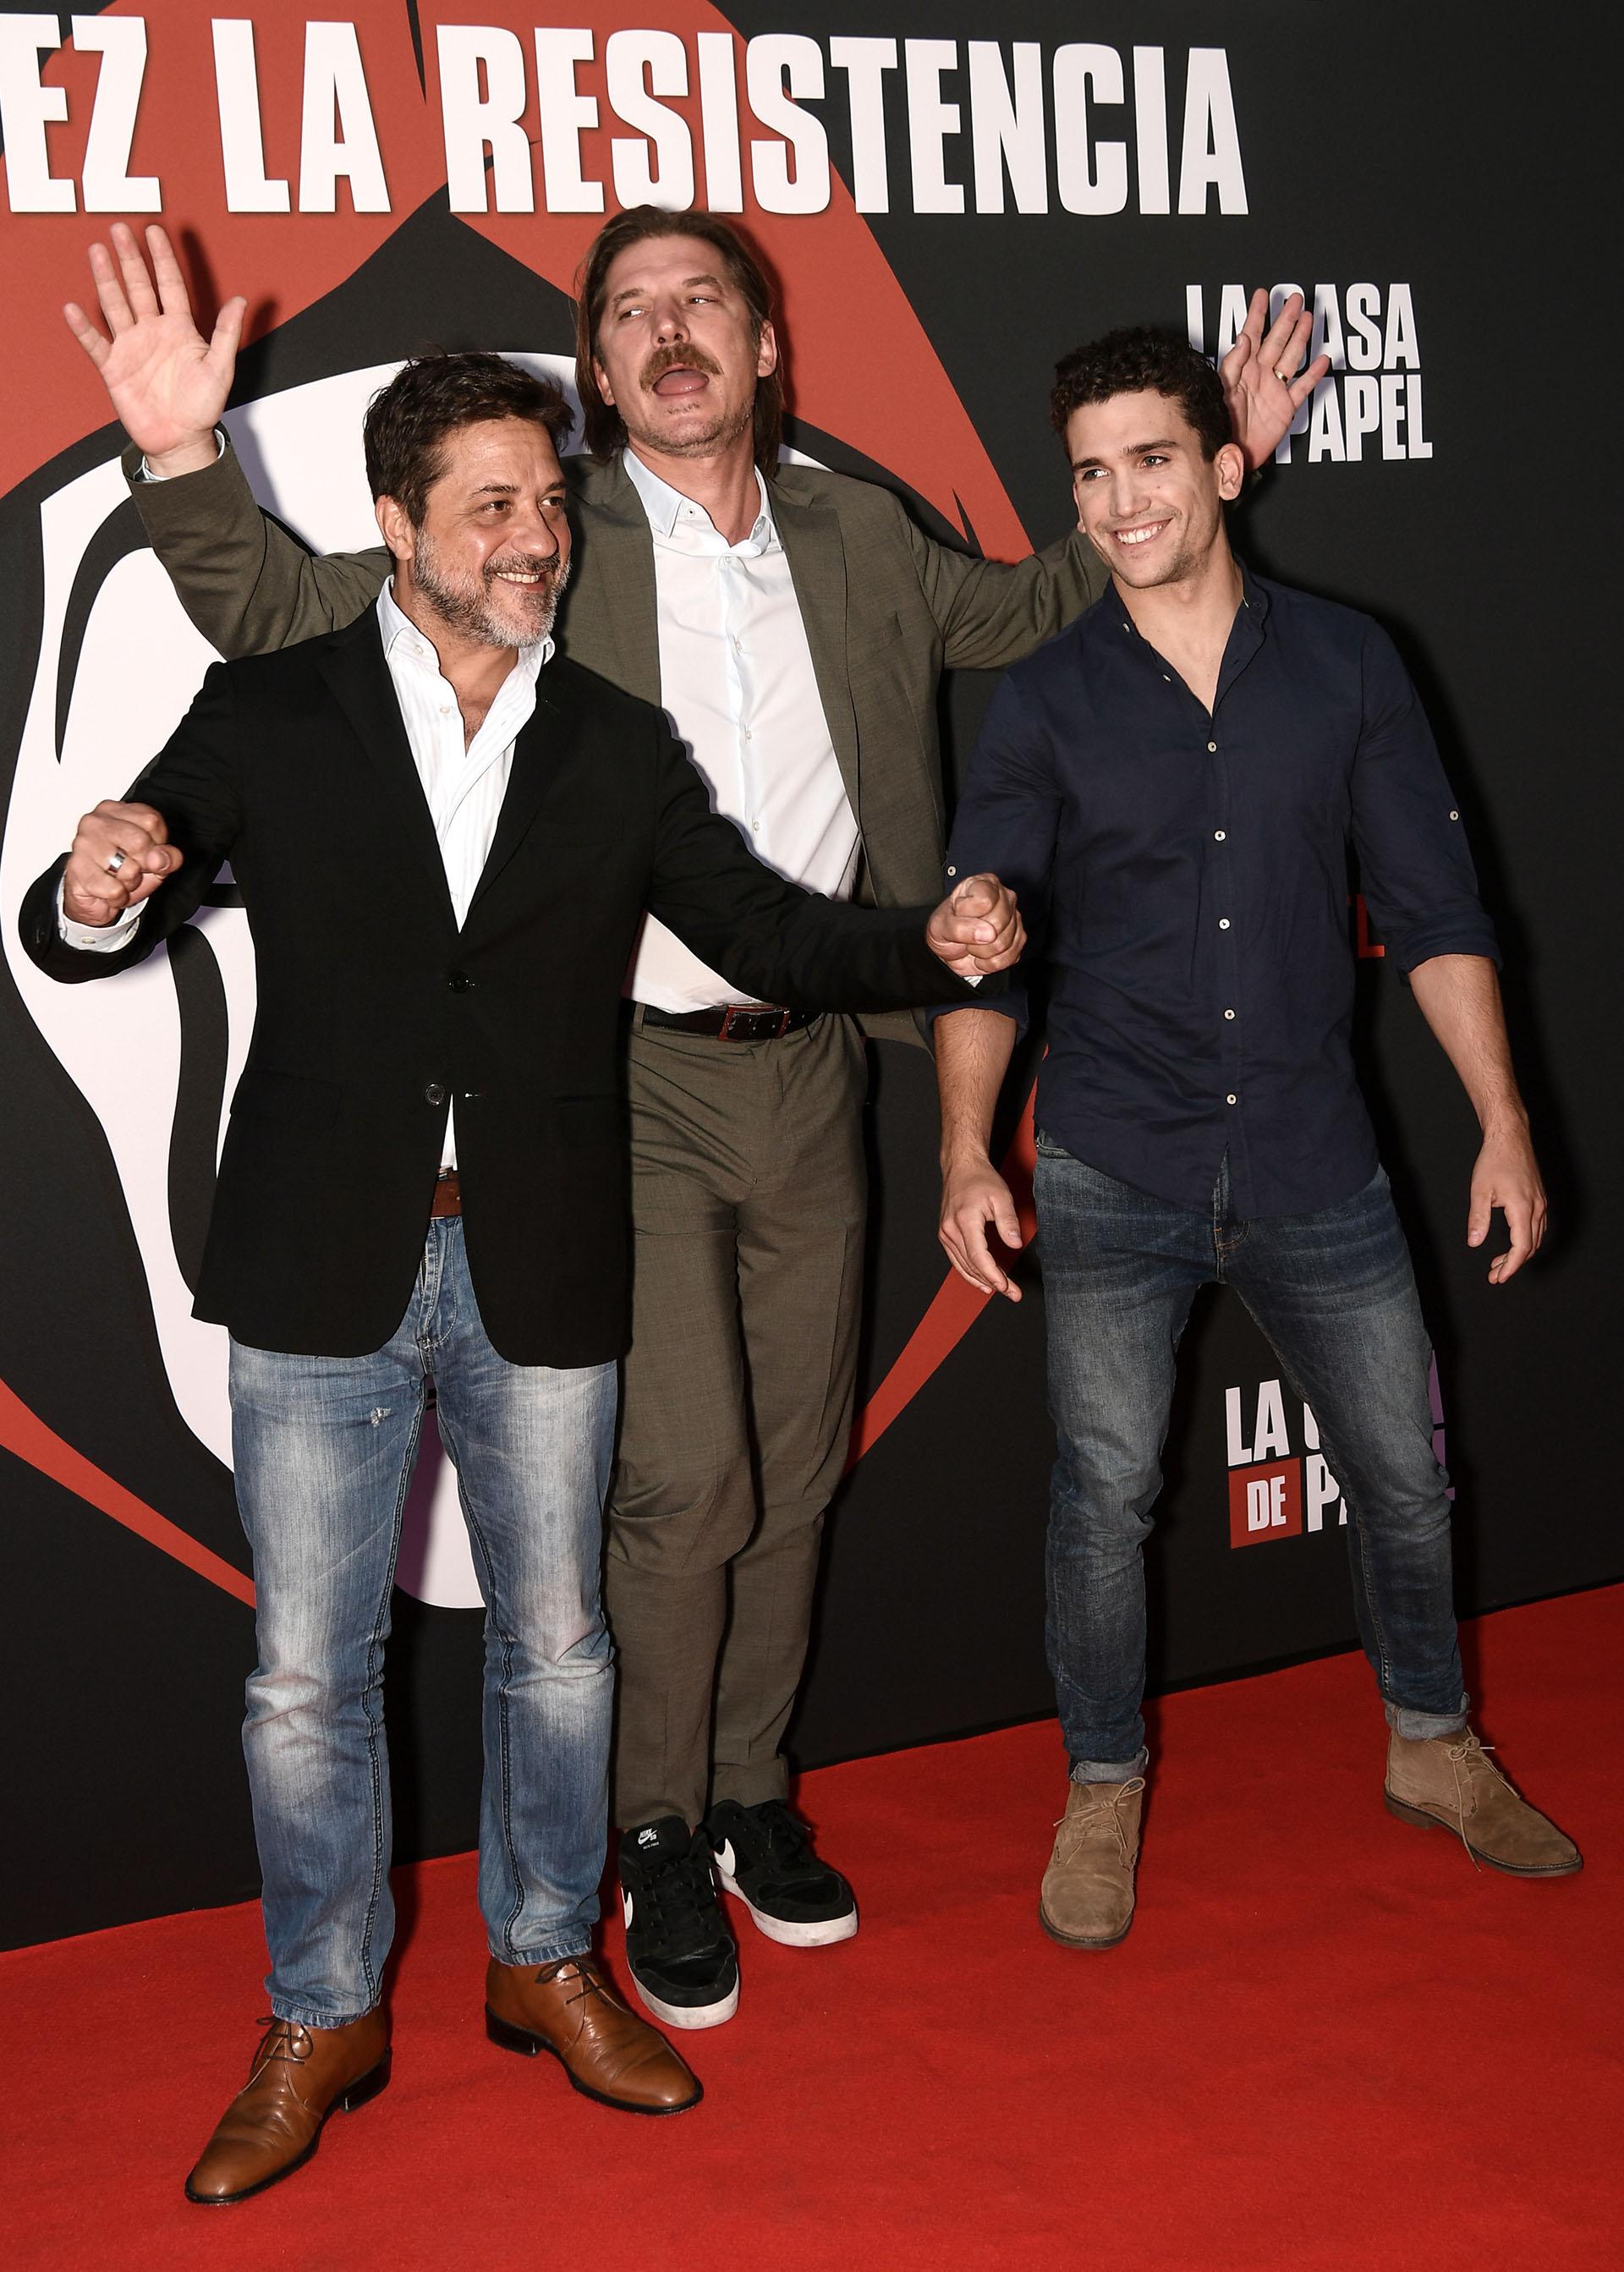 Los actores Enrique Arce, Luka Peros y Jaime Lorente posaron en la red carpet